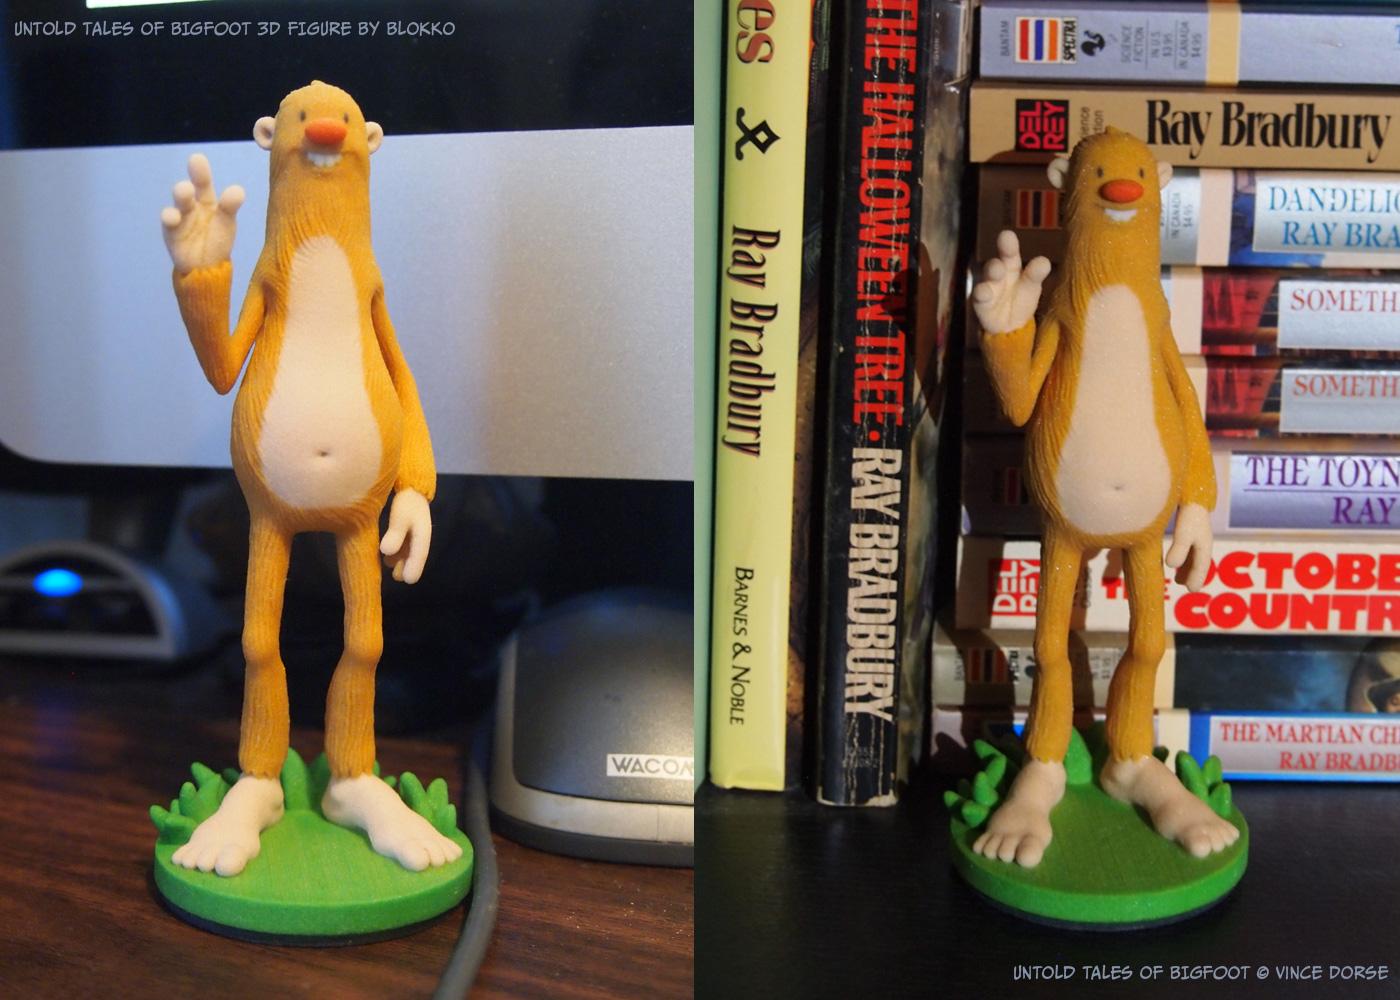 Untold Tales of Bigfoot : Blokko 3D Figure